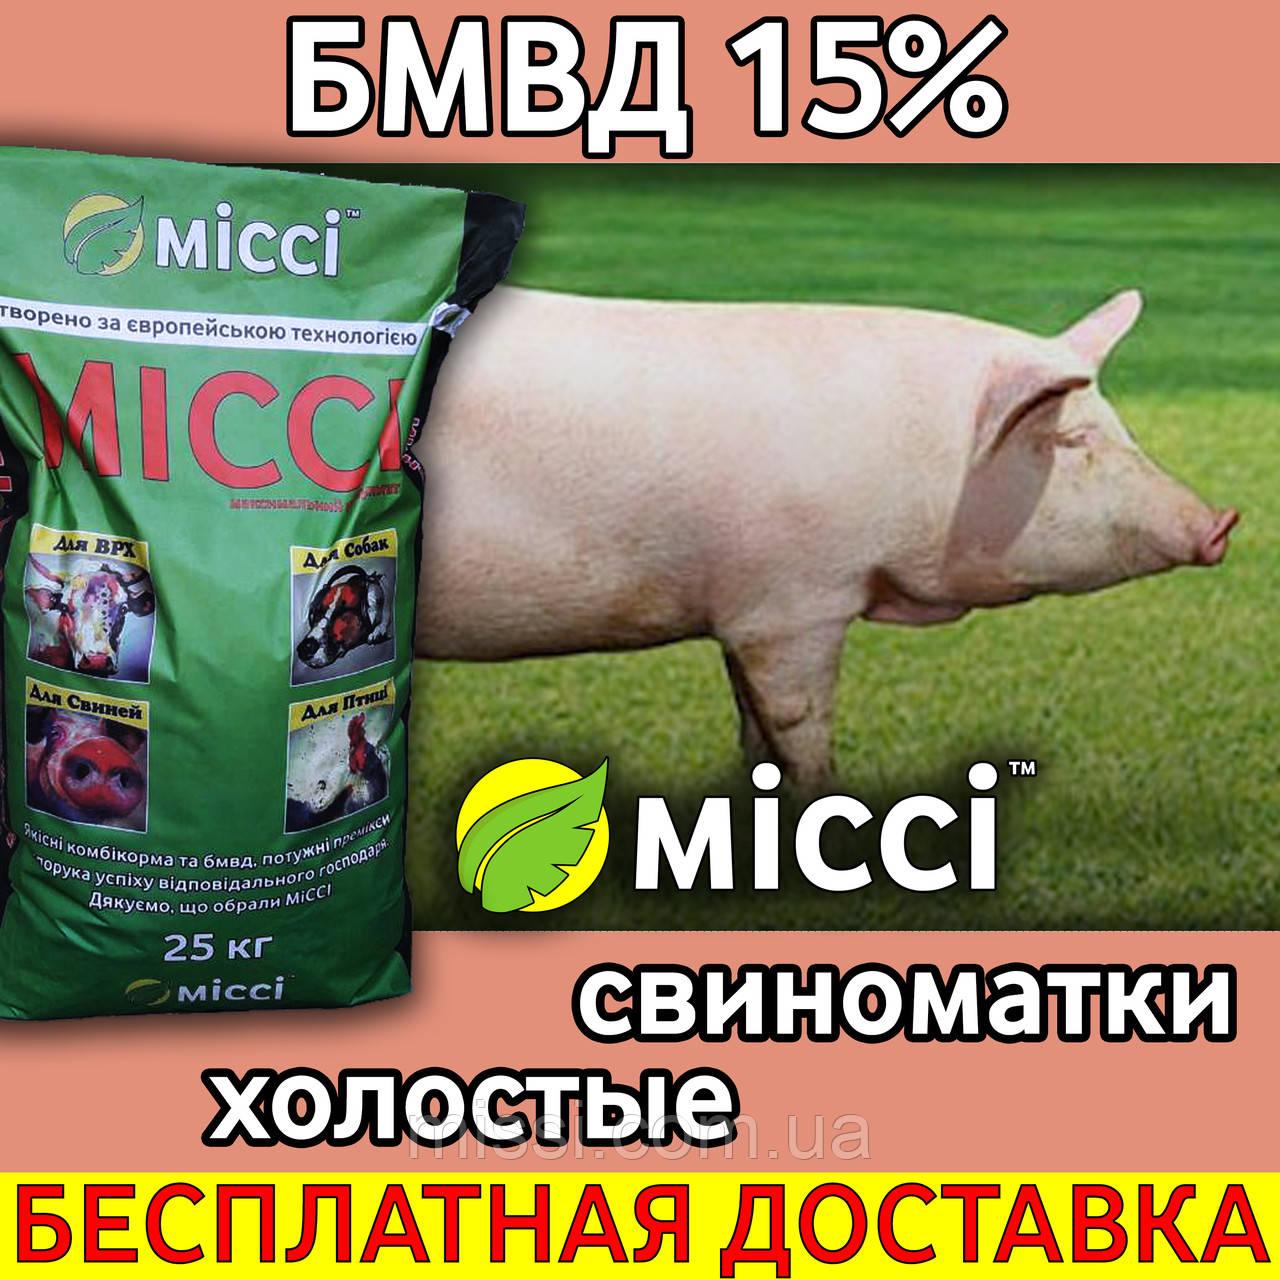 БМВД для ХОЛОСТЫХ свиноматок 15% (мешок 25 кг) Мисси